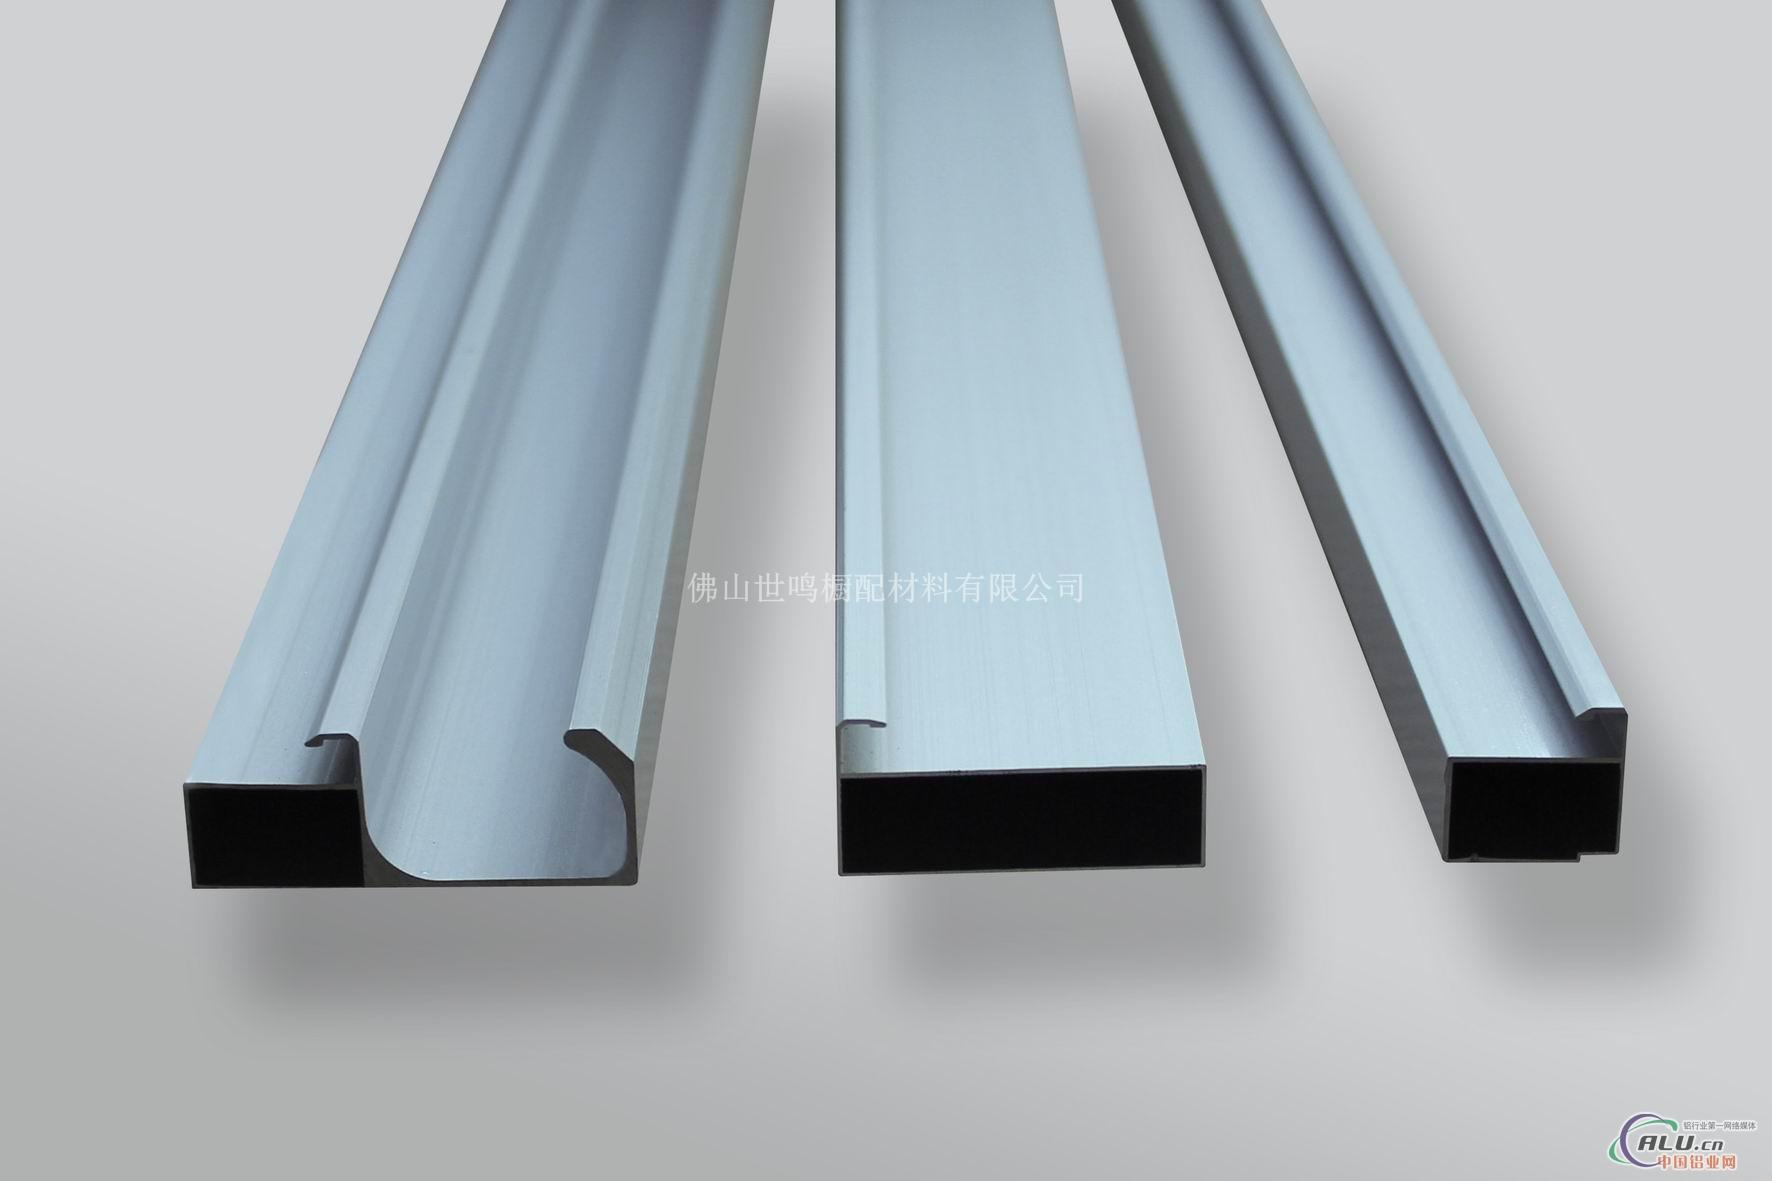 橱柜铝合金-门窗型材-中国铝业网